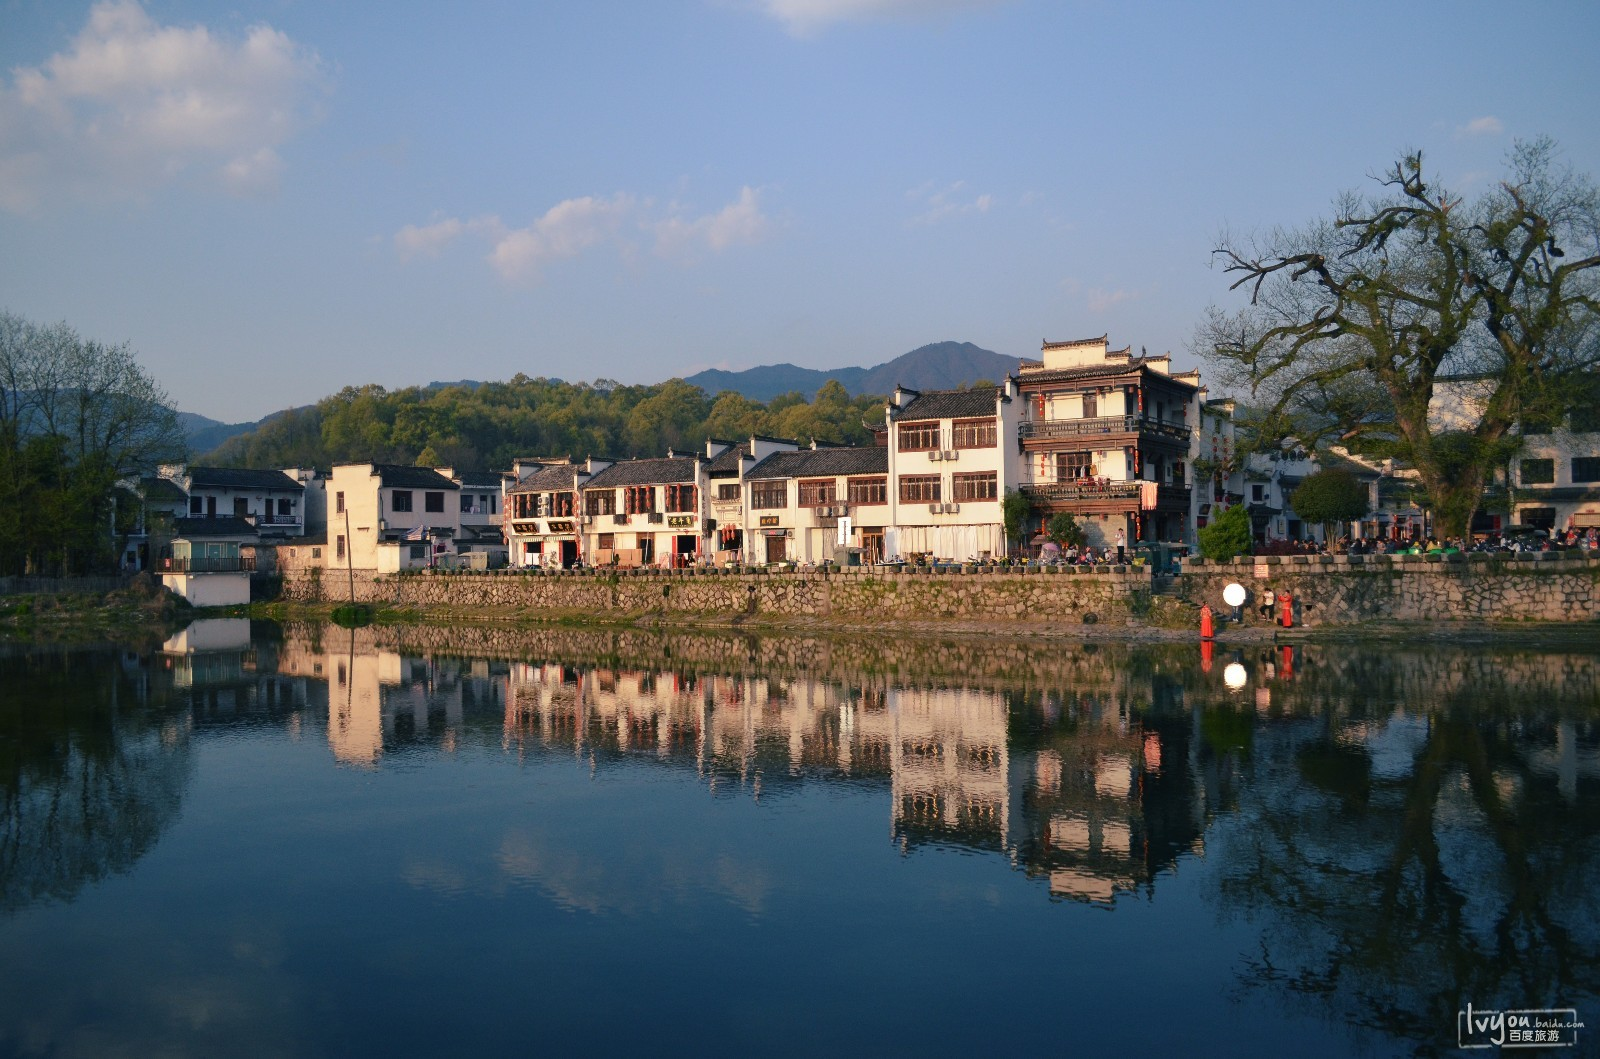 风景 古镇 建筑 旅游 摄影 800_530